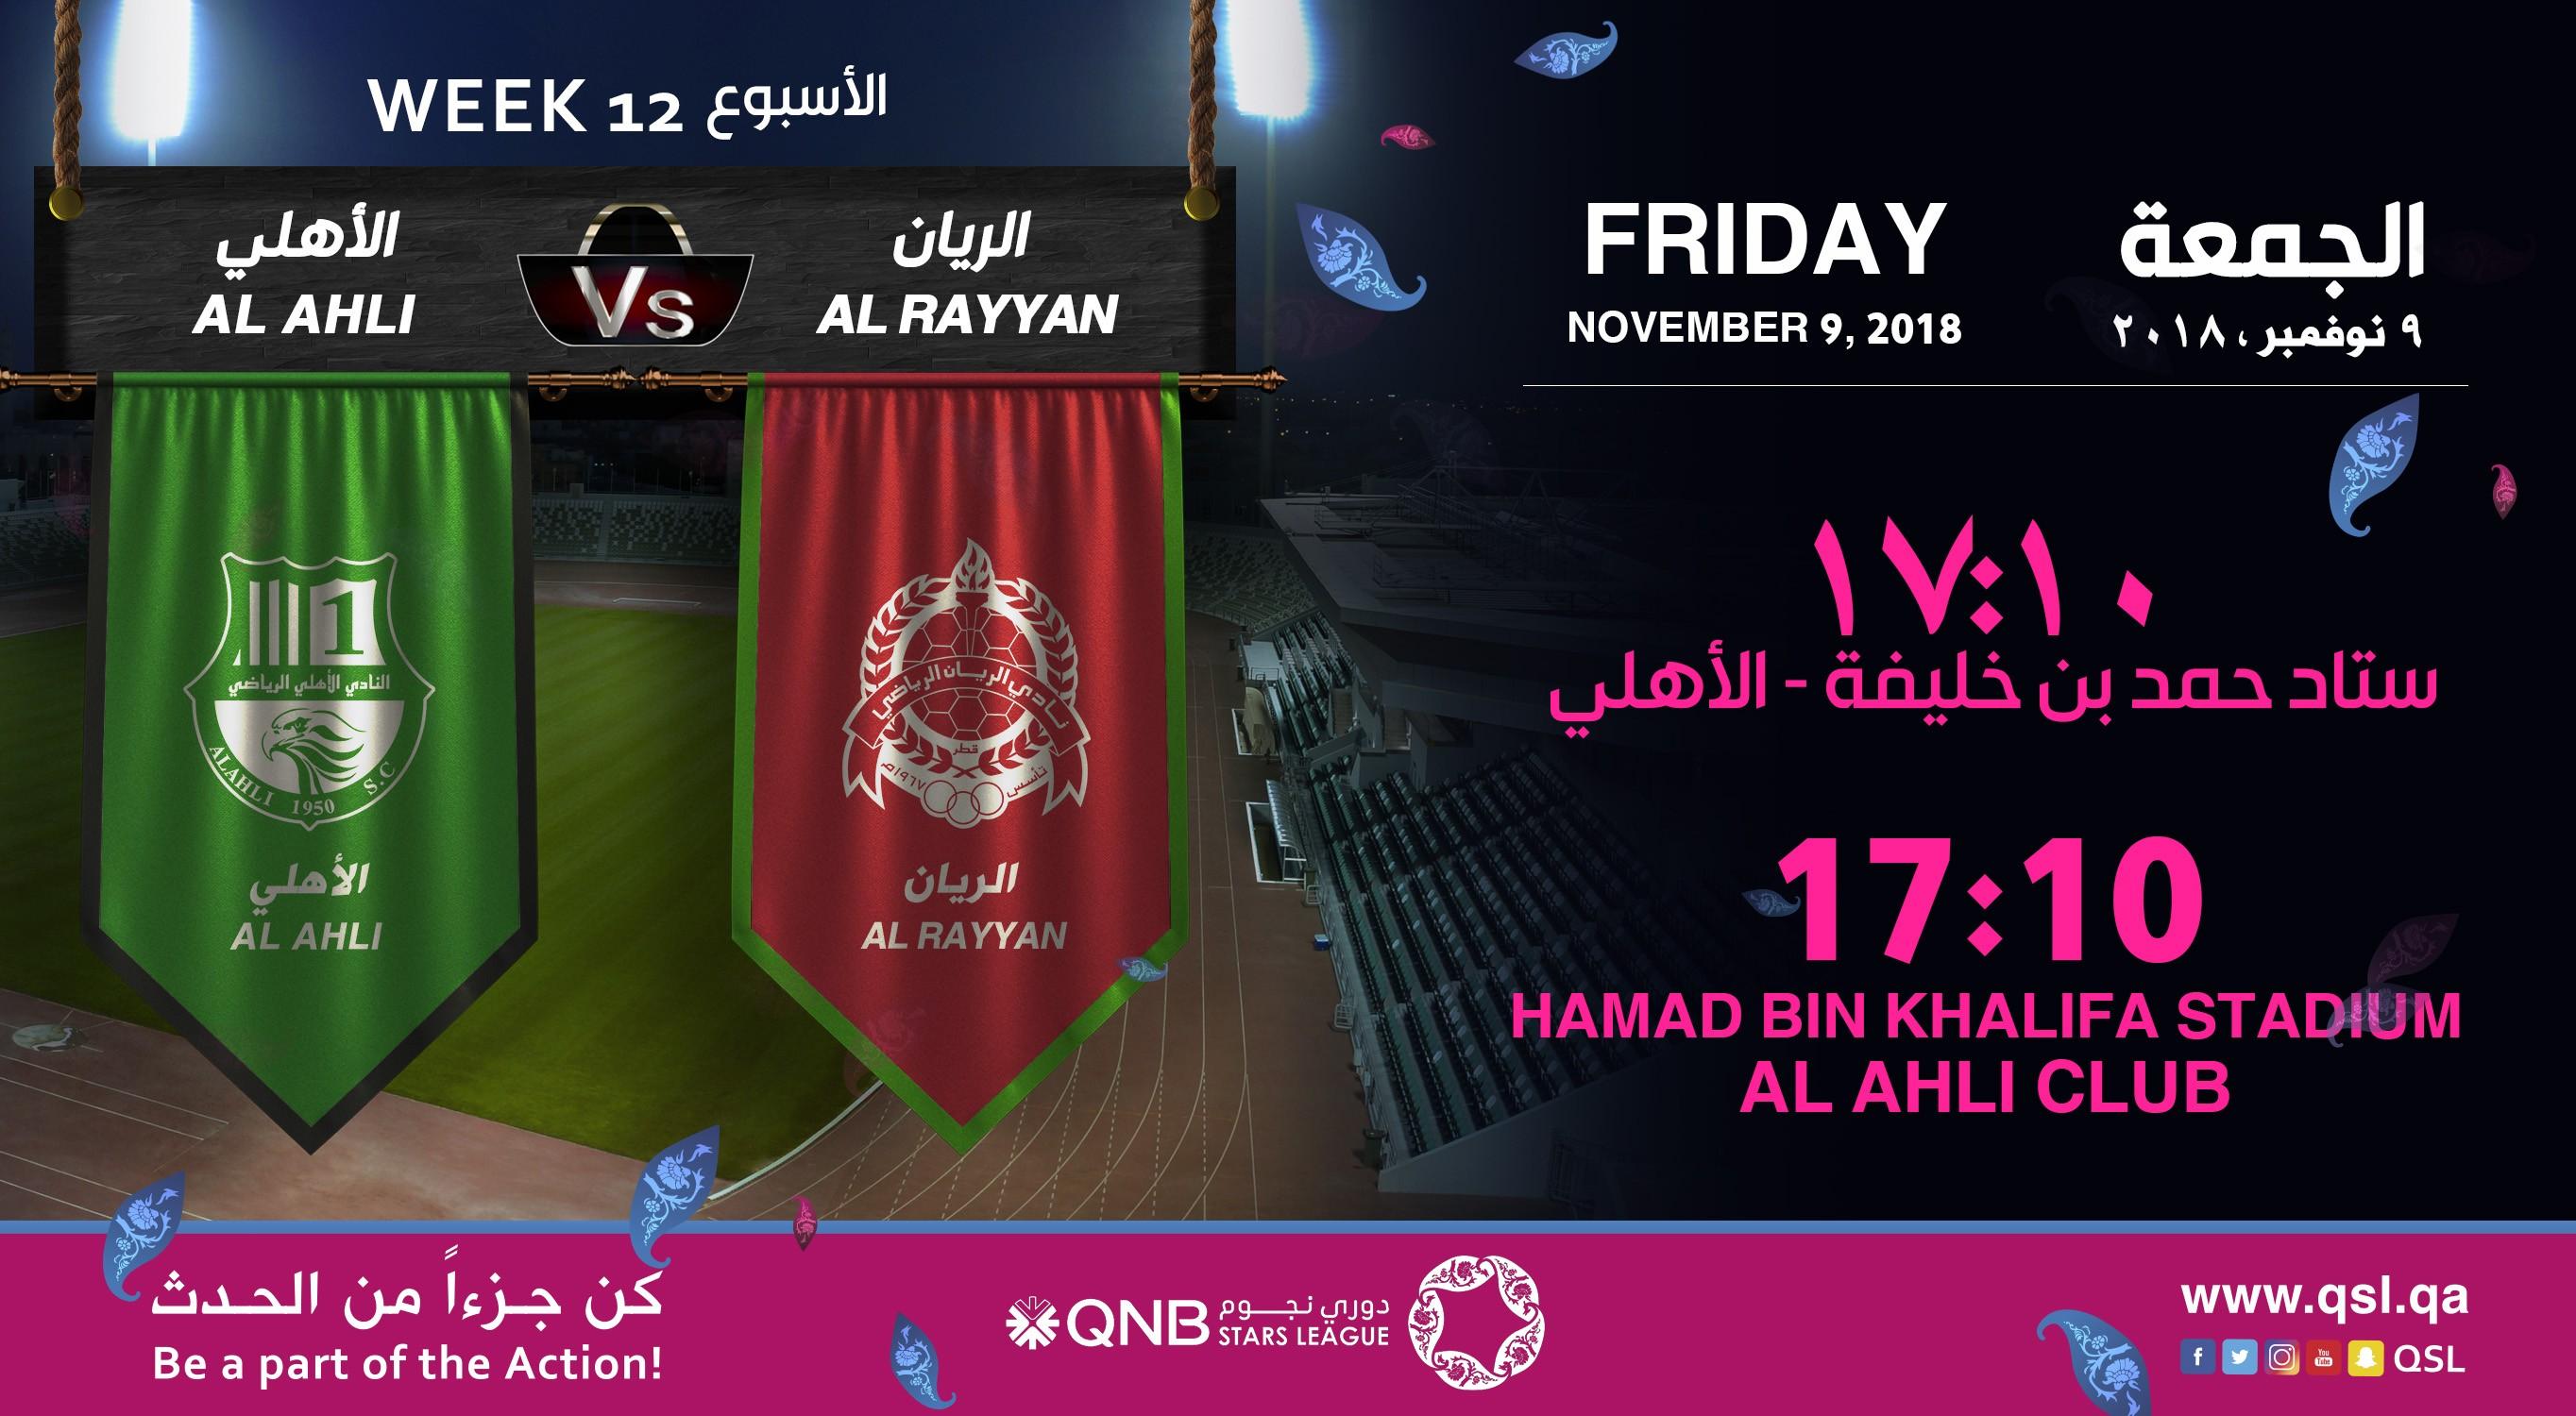 QNB Stars League Week 12 — Al Ahli vs Al Rayyan